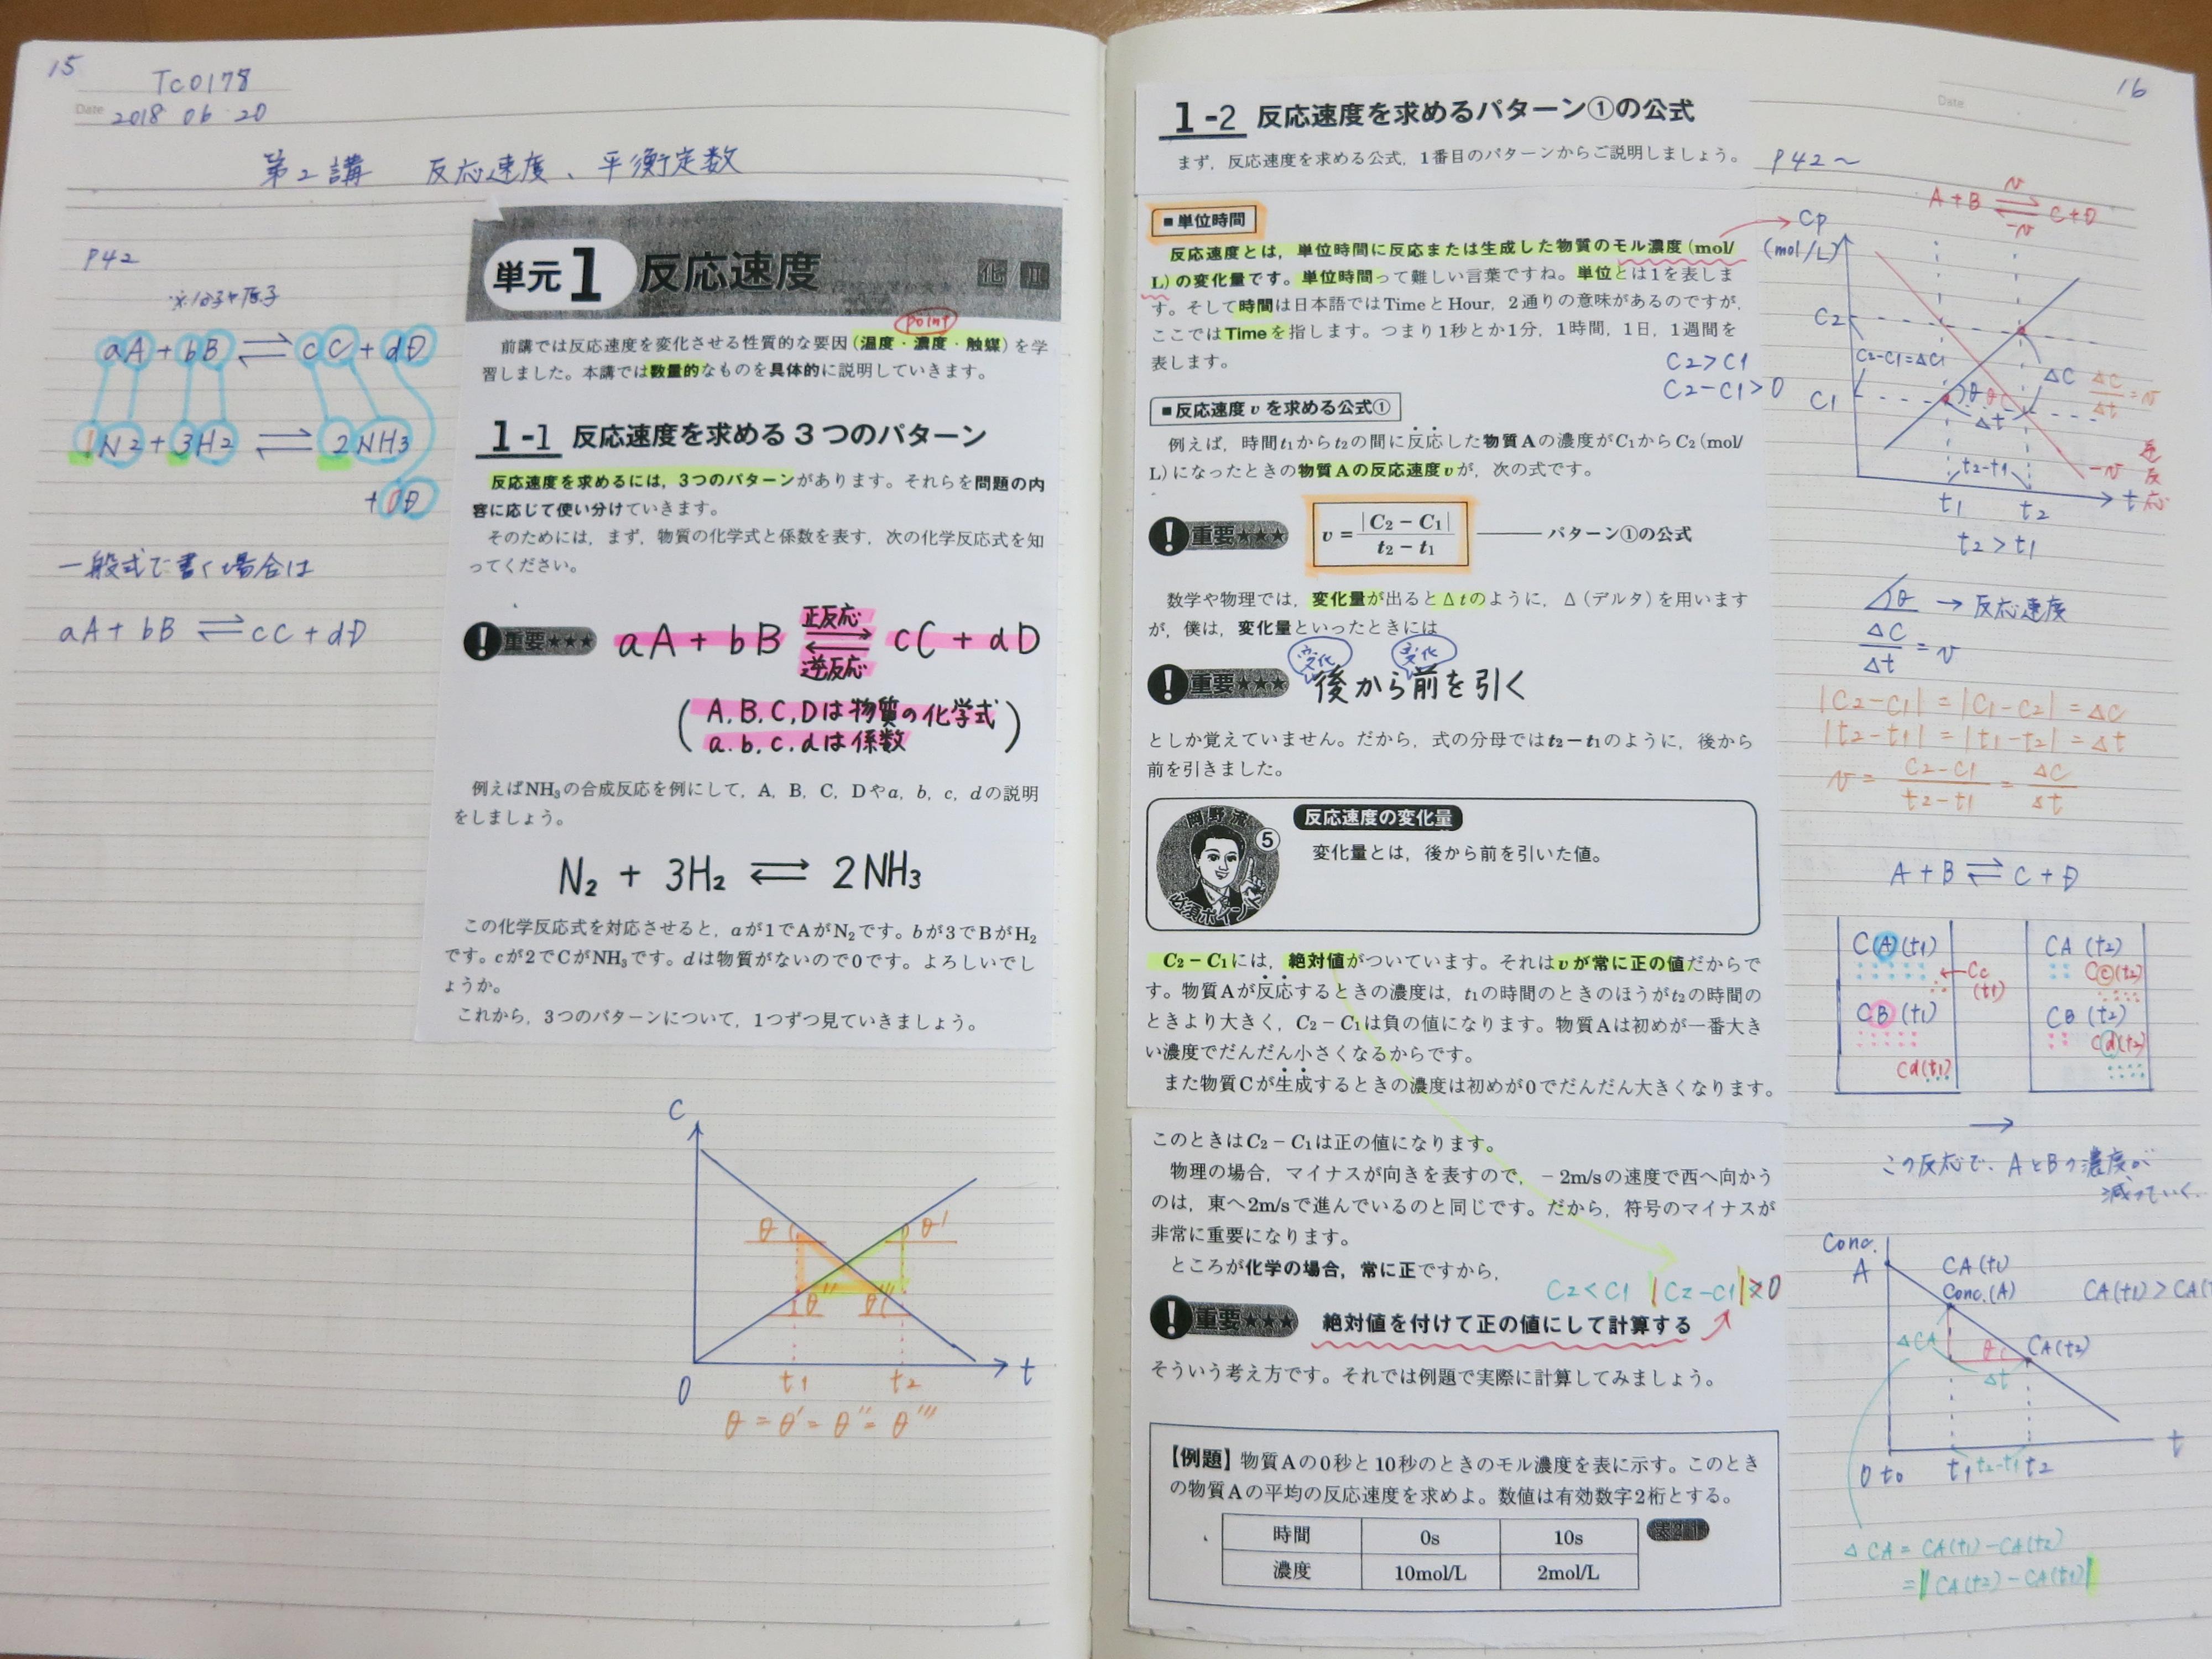 ノート作成_1